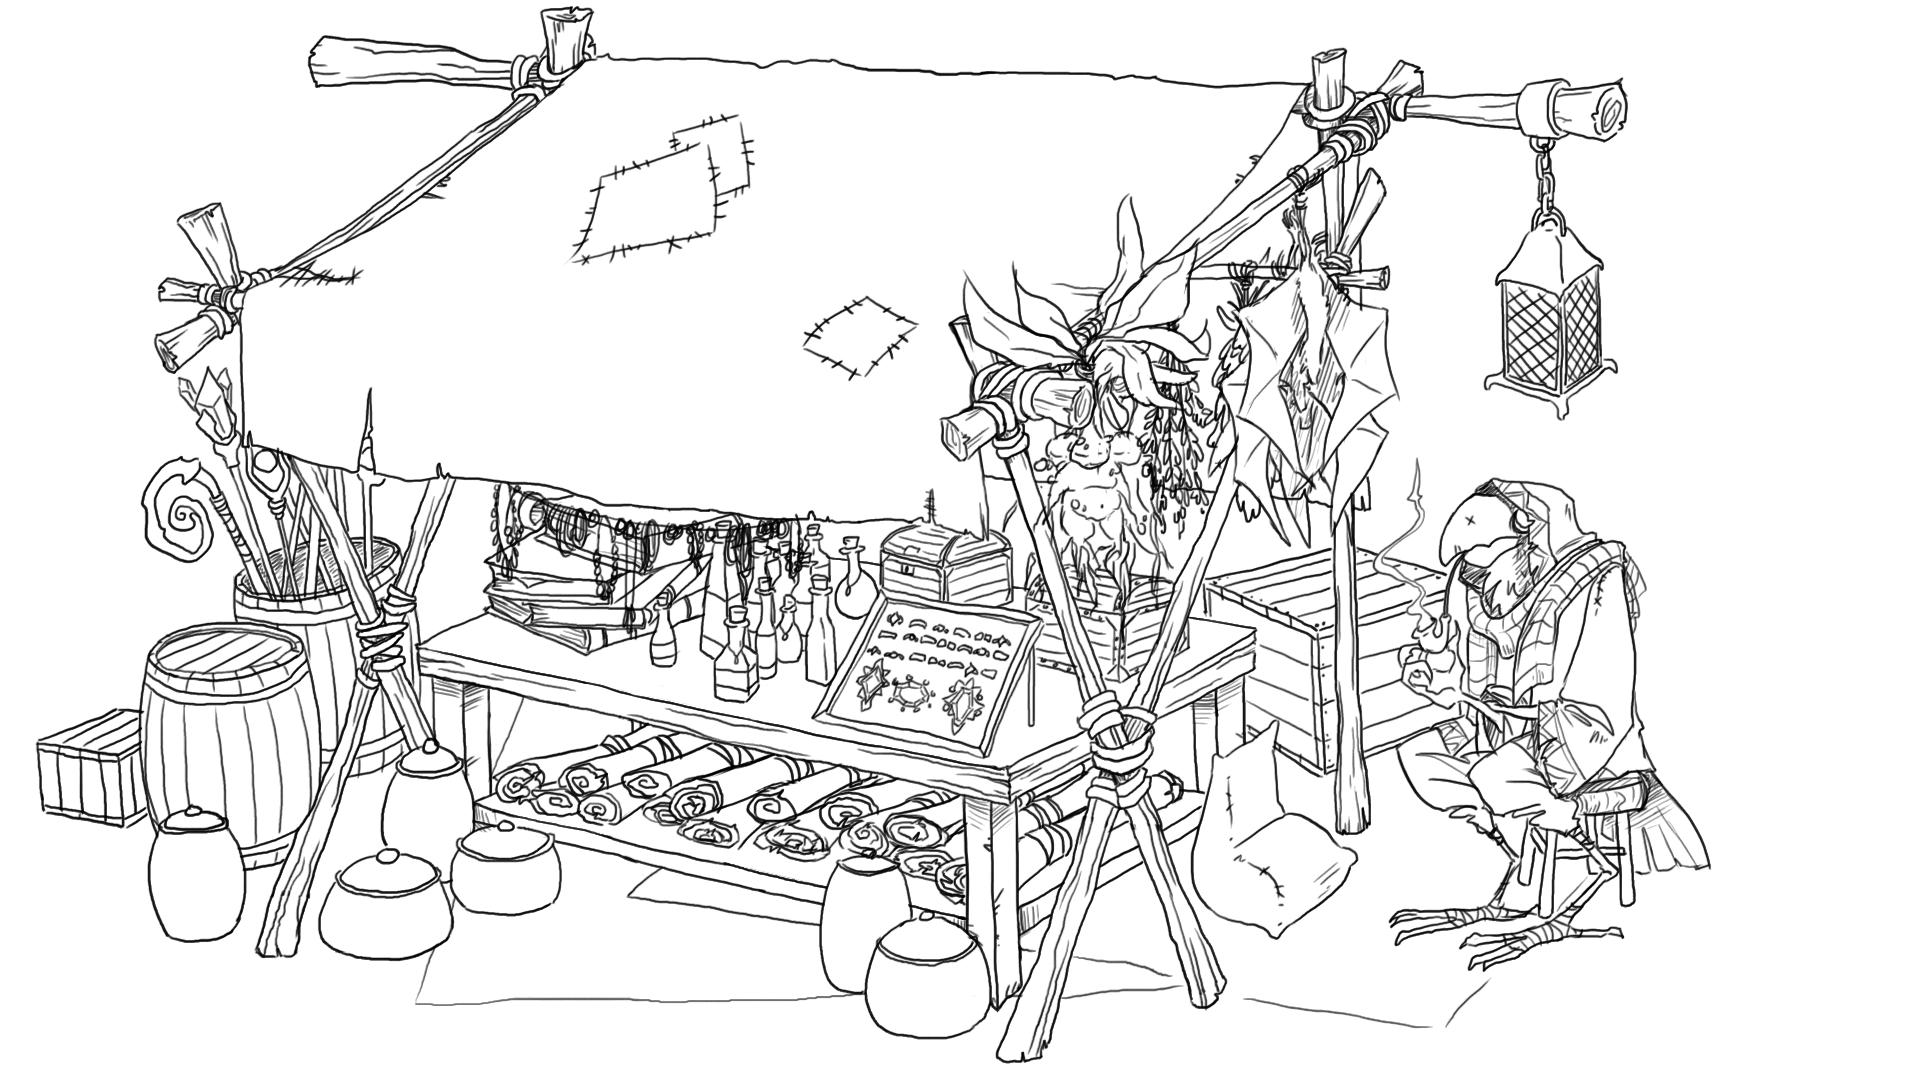 wizard market stall sketch